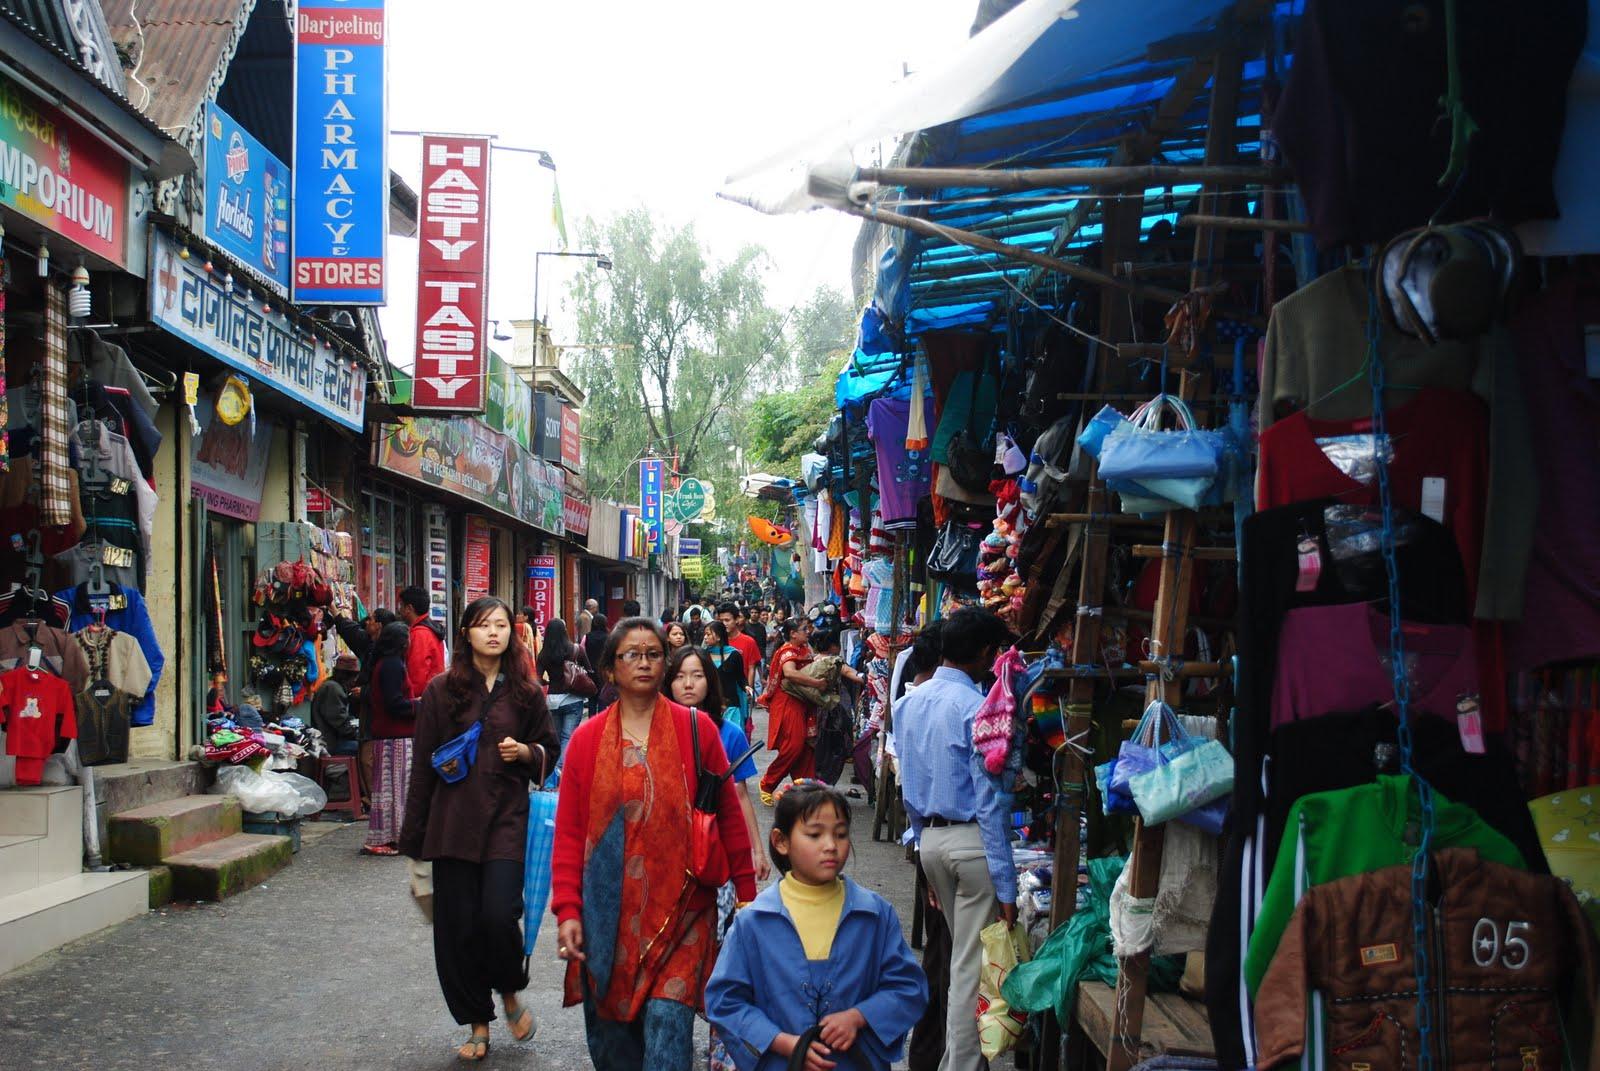 Darjeeling Hotels Near Mall